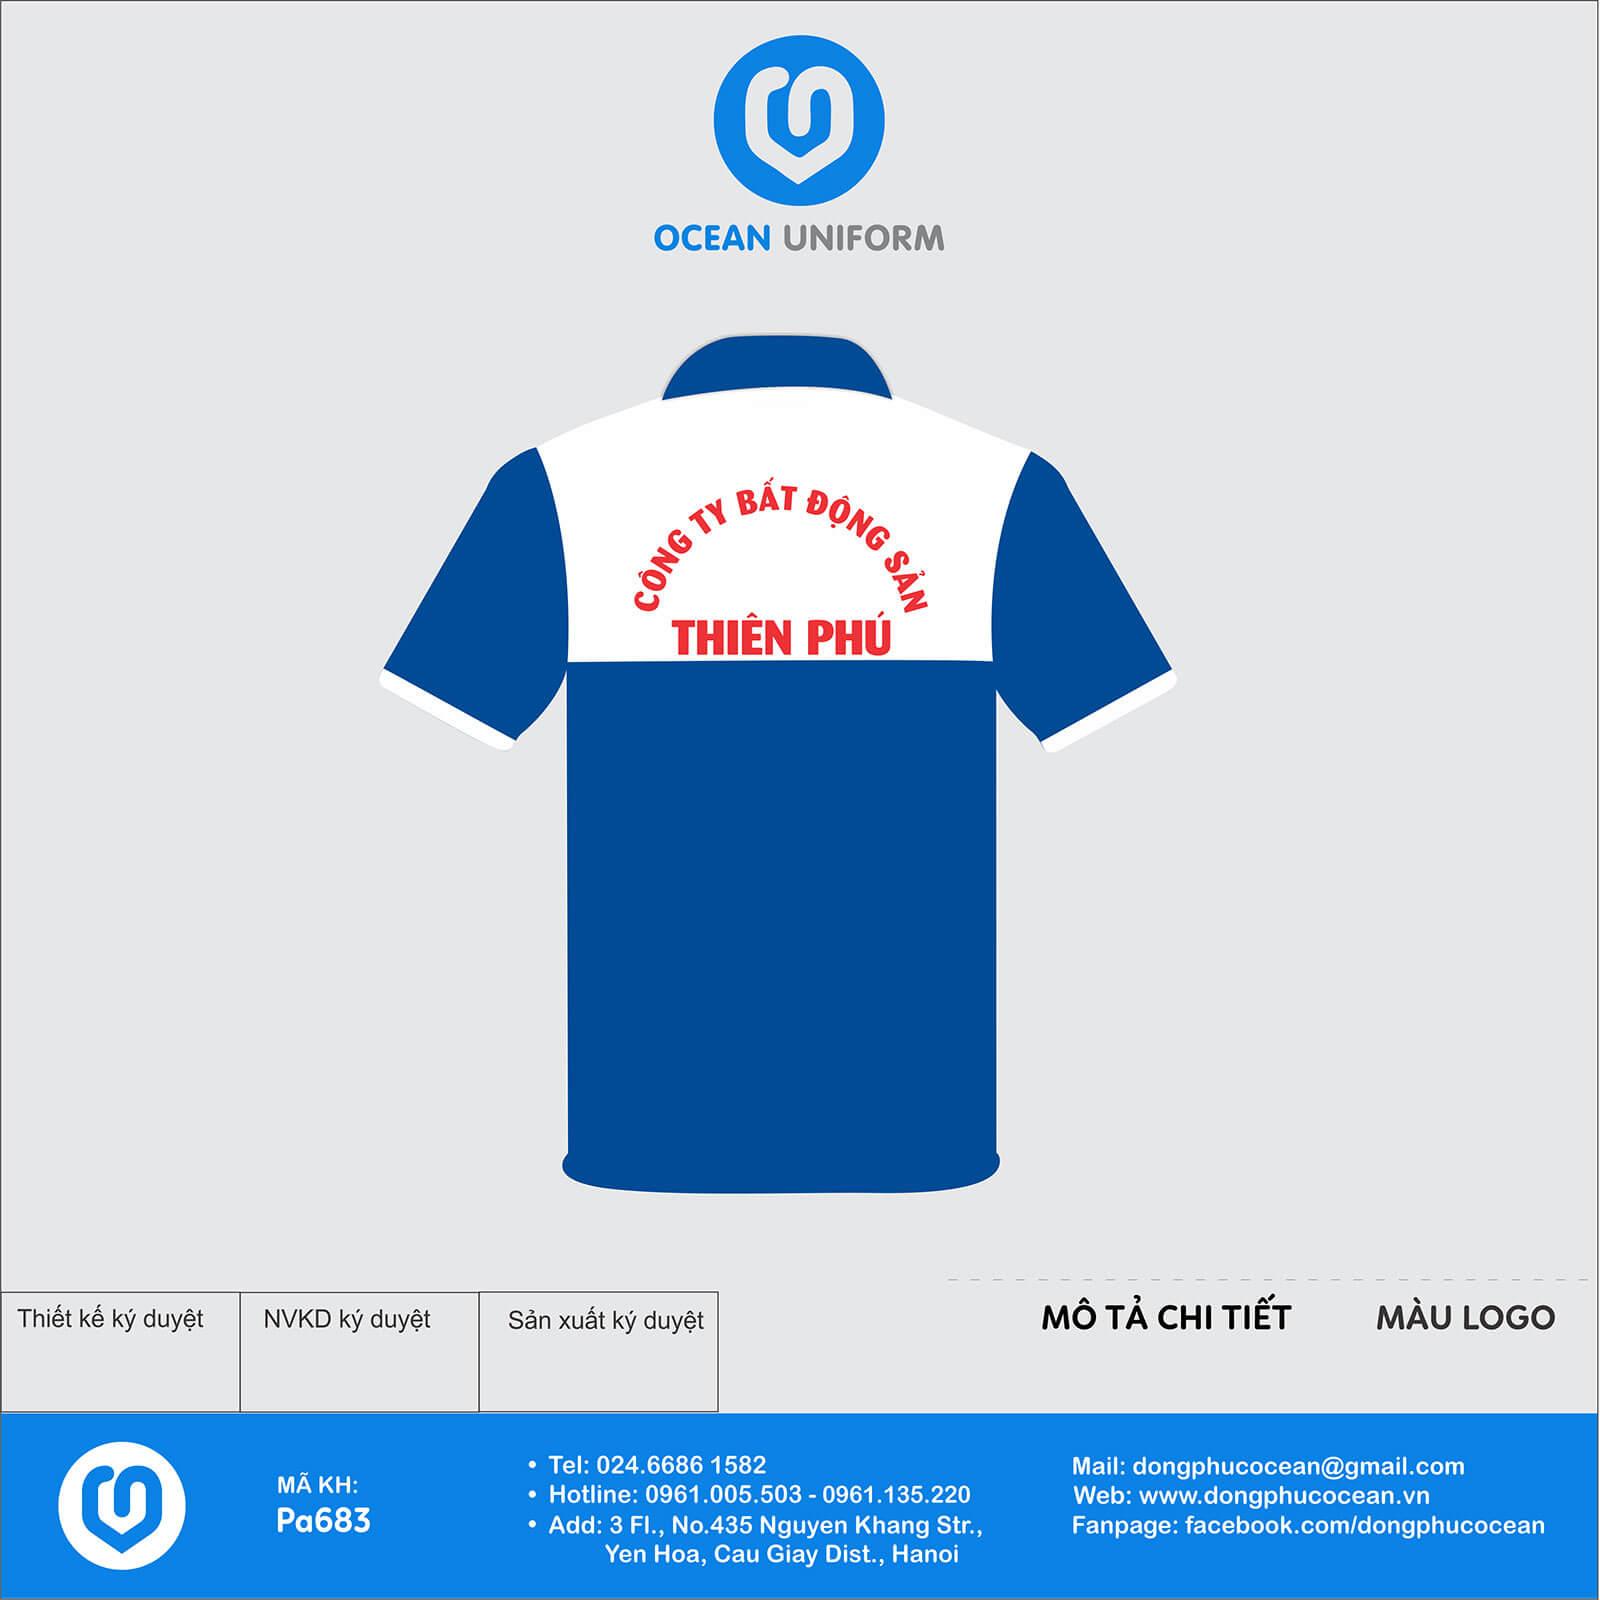 Đồng phục nhân viên Công ty Bất động sản Thiên Phú mặt sau